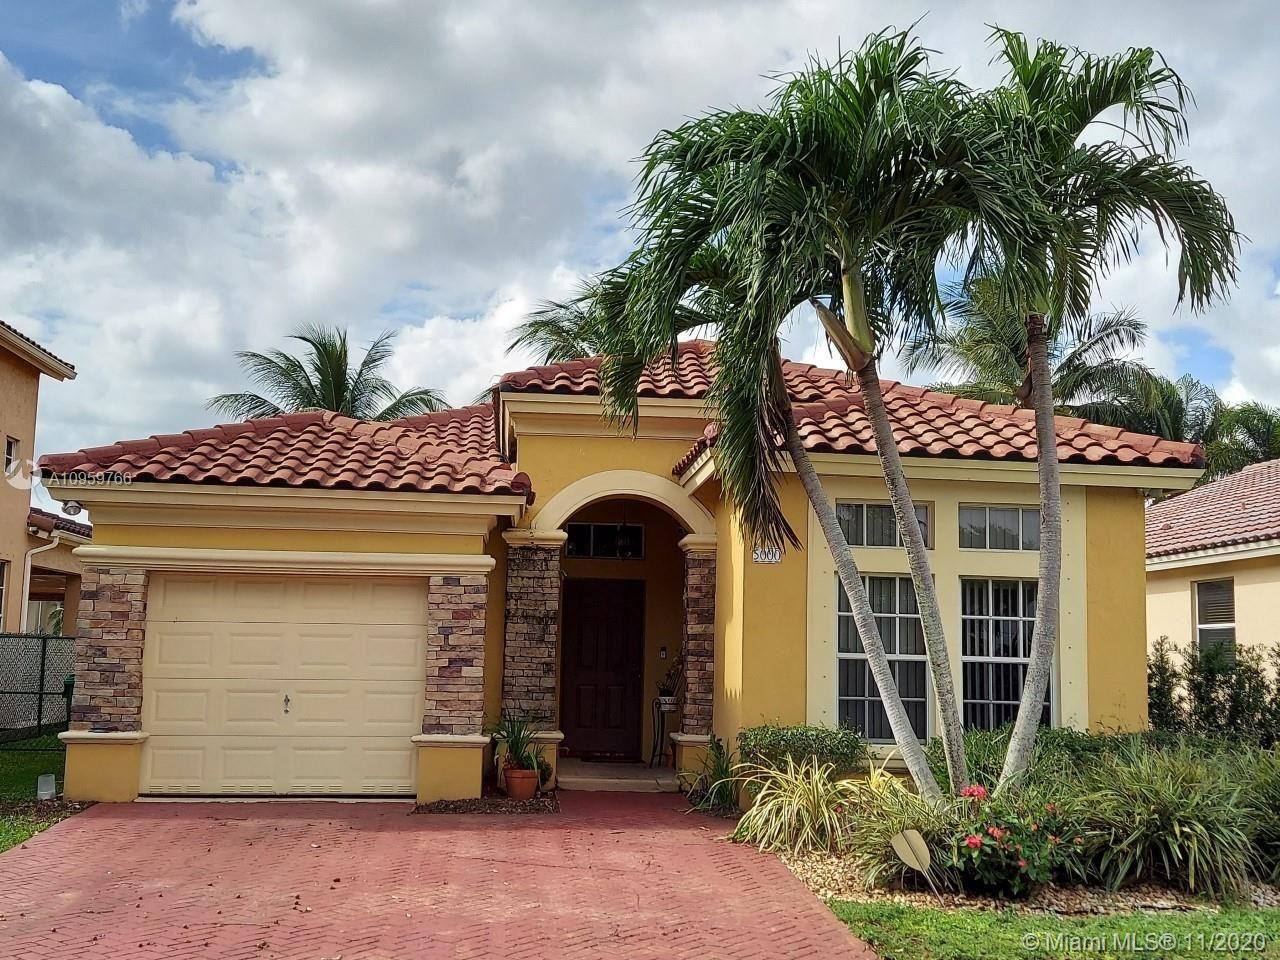 Miramar, FL 33027